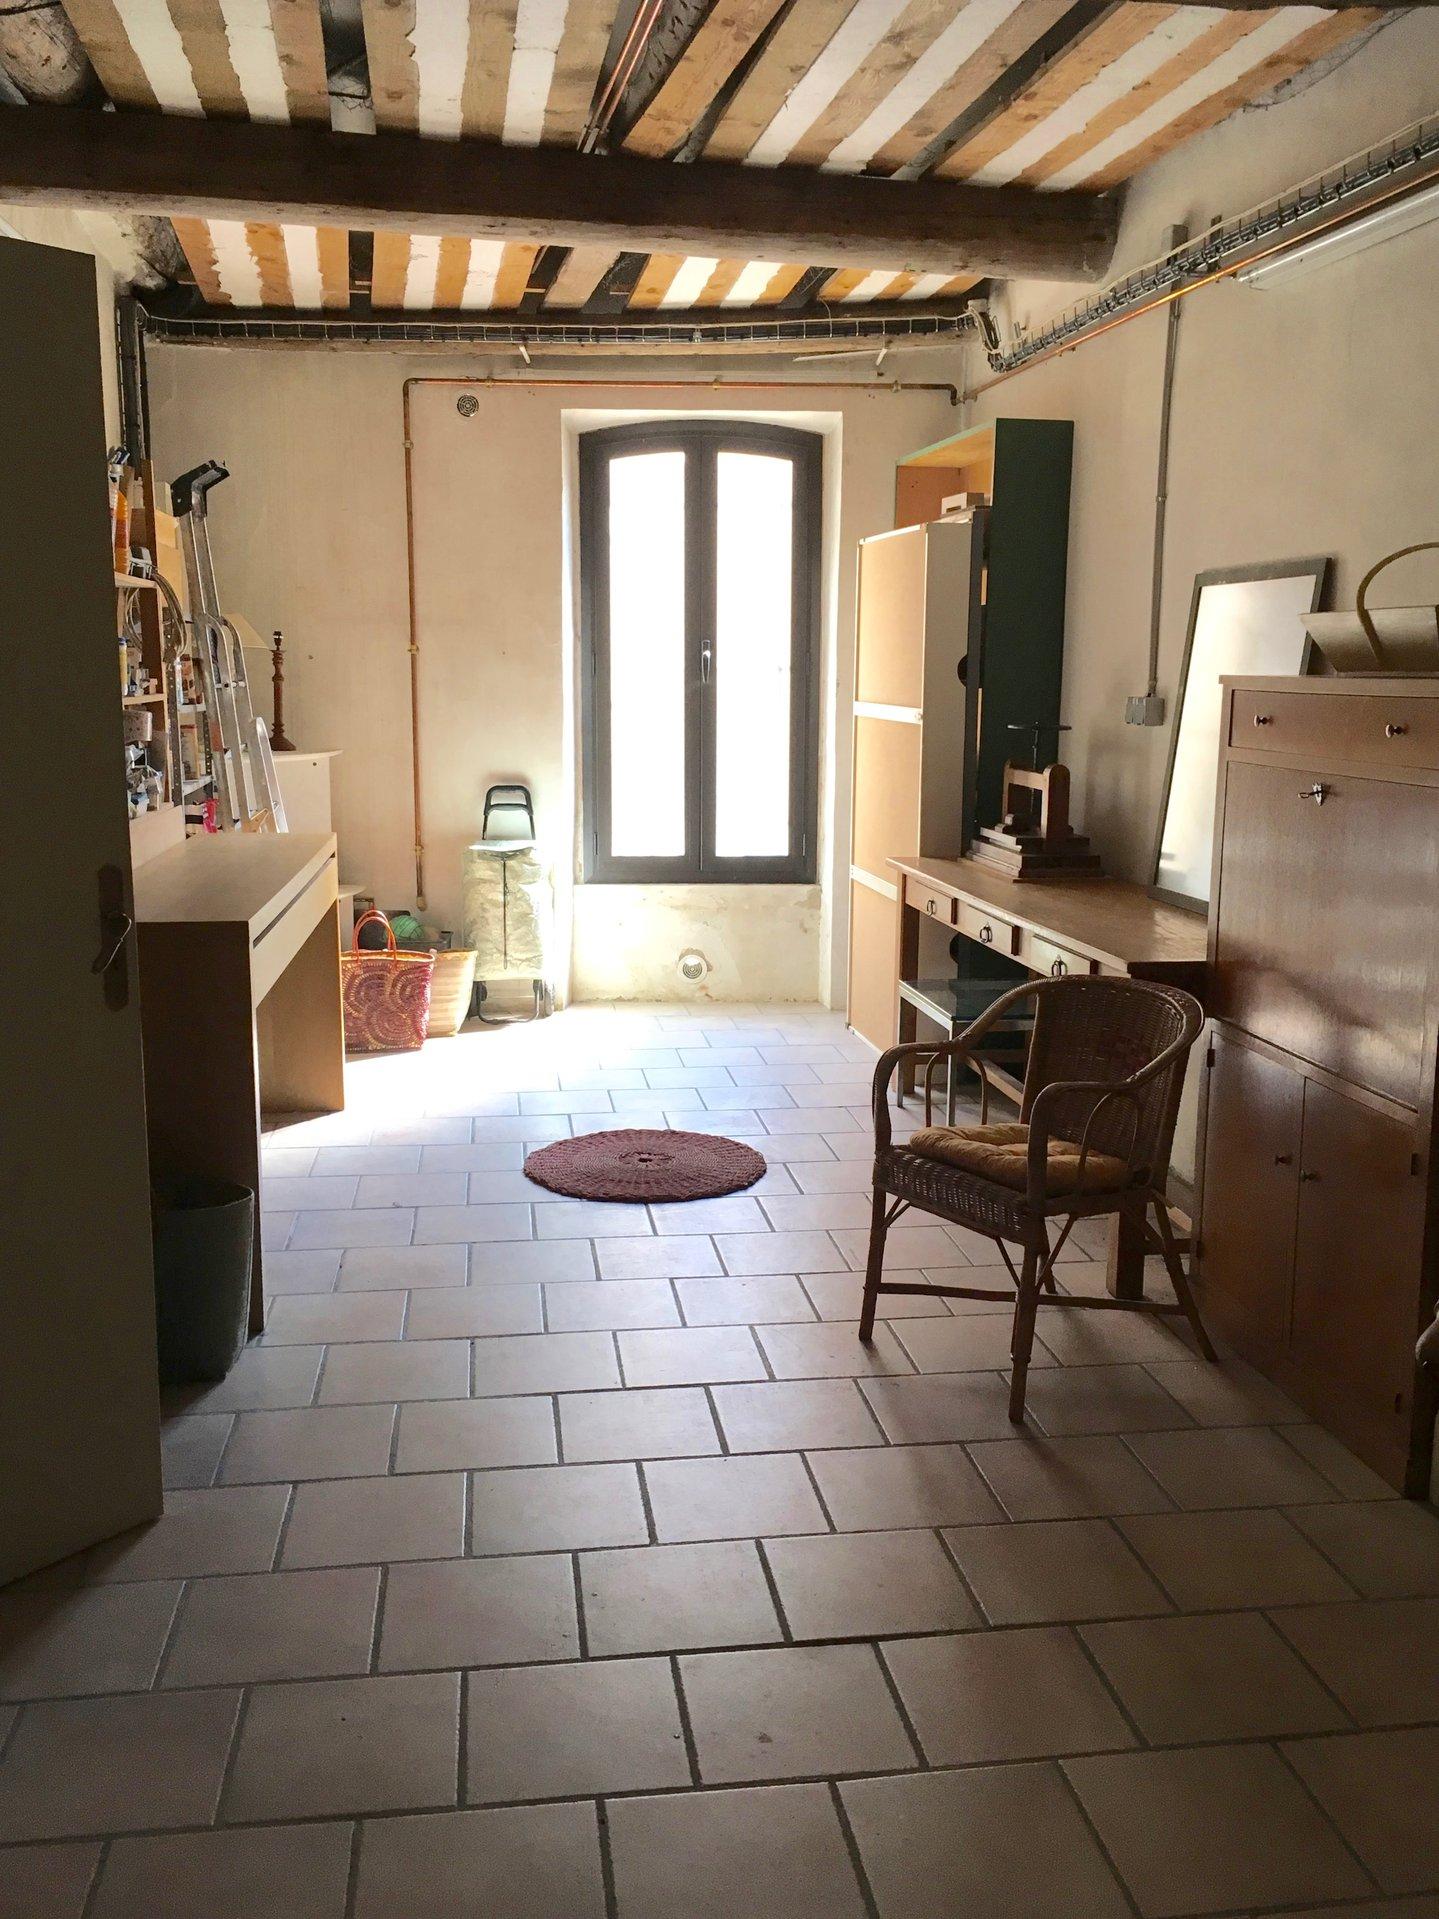 20' AIX  Maison de village 186 m2 avec terrasse